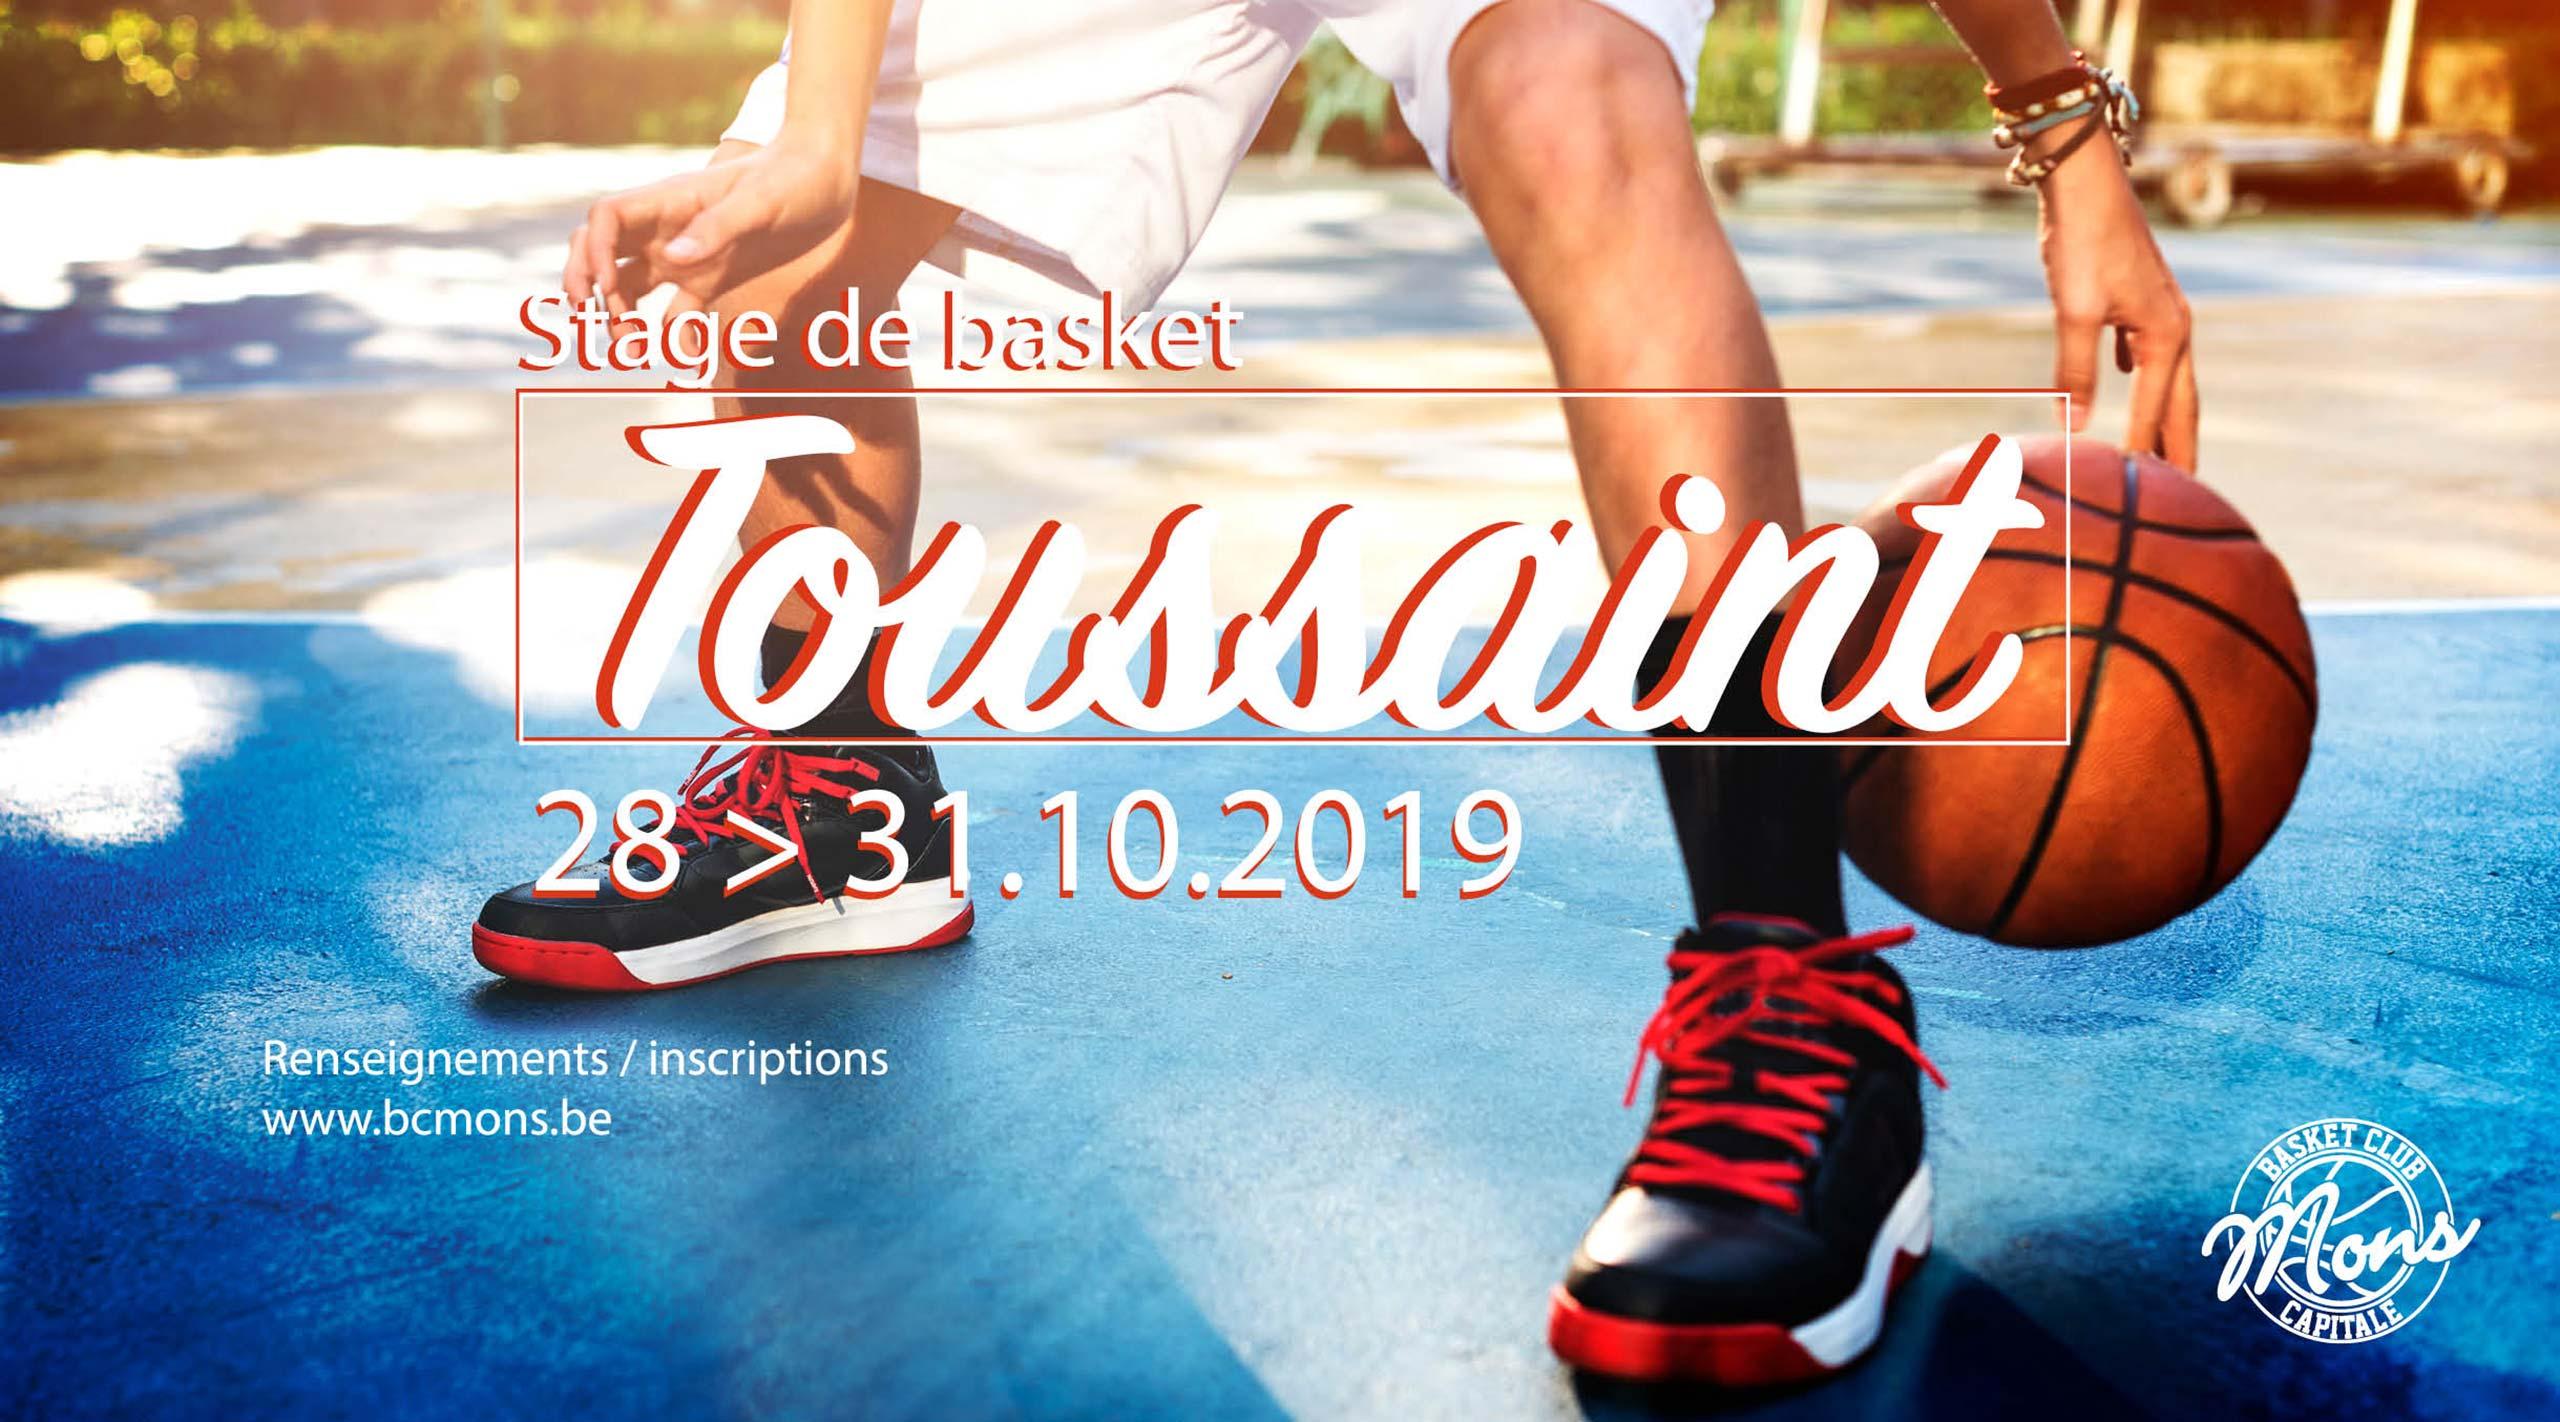 Stage de toussaint 2019